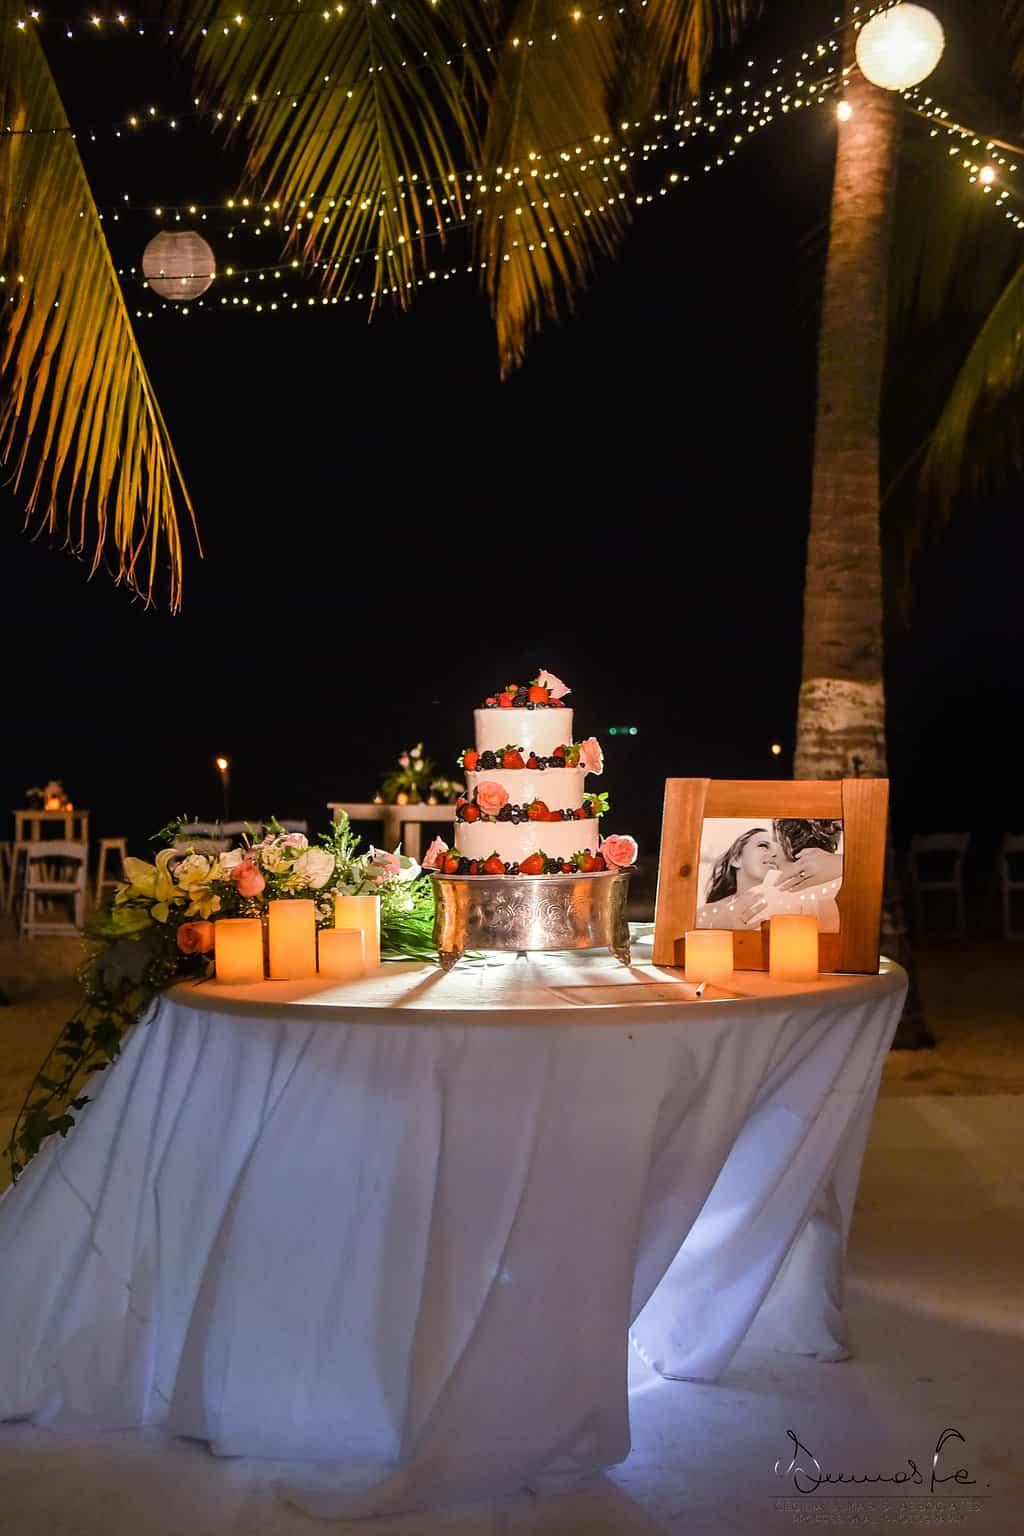 islamujeres-buhos-weddingphotography-courtneyneal77